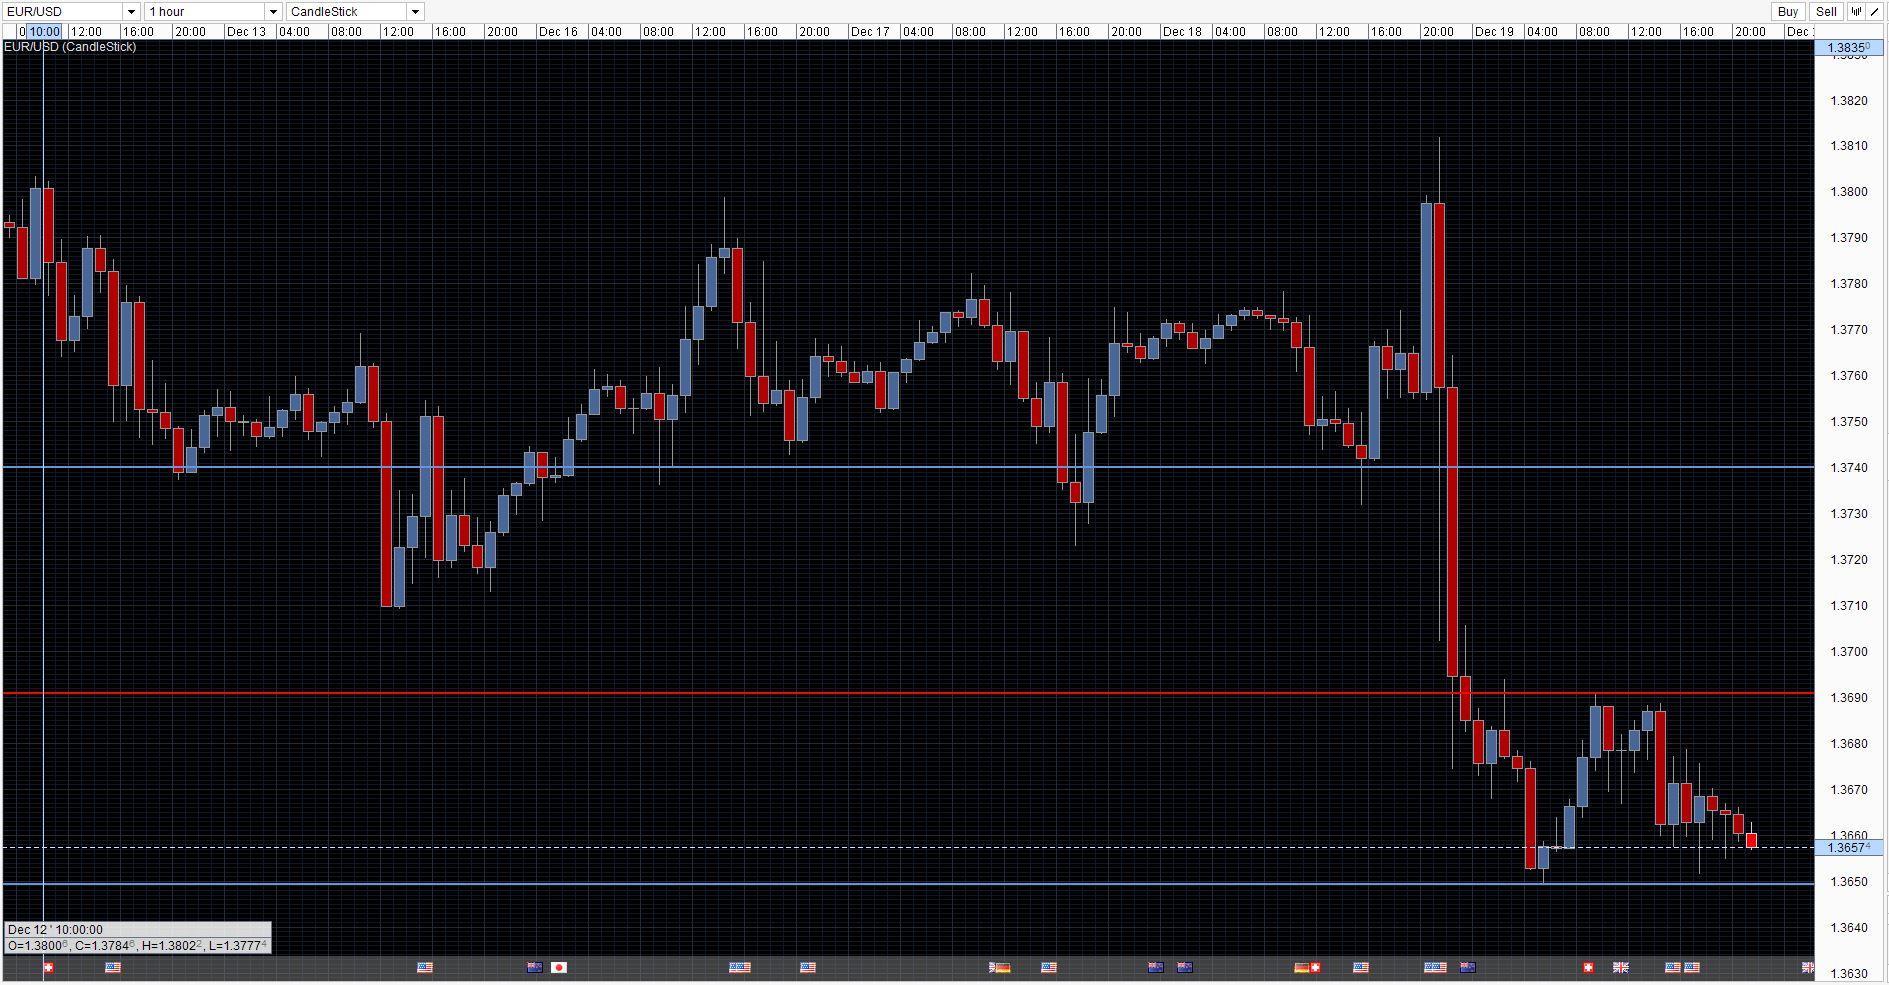 EUR/USD Chart 19 Dec 2013